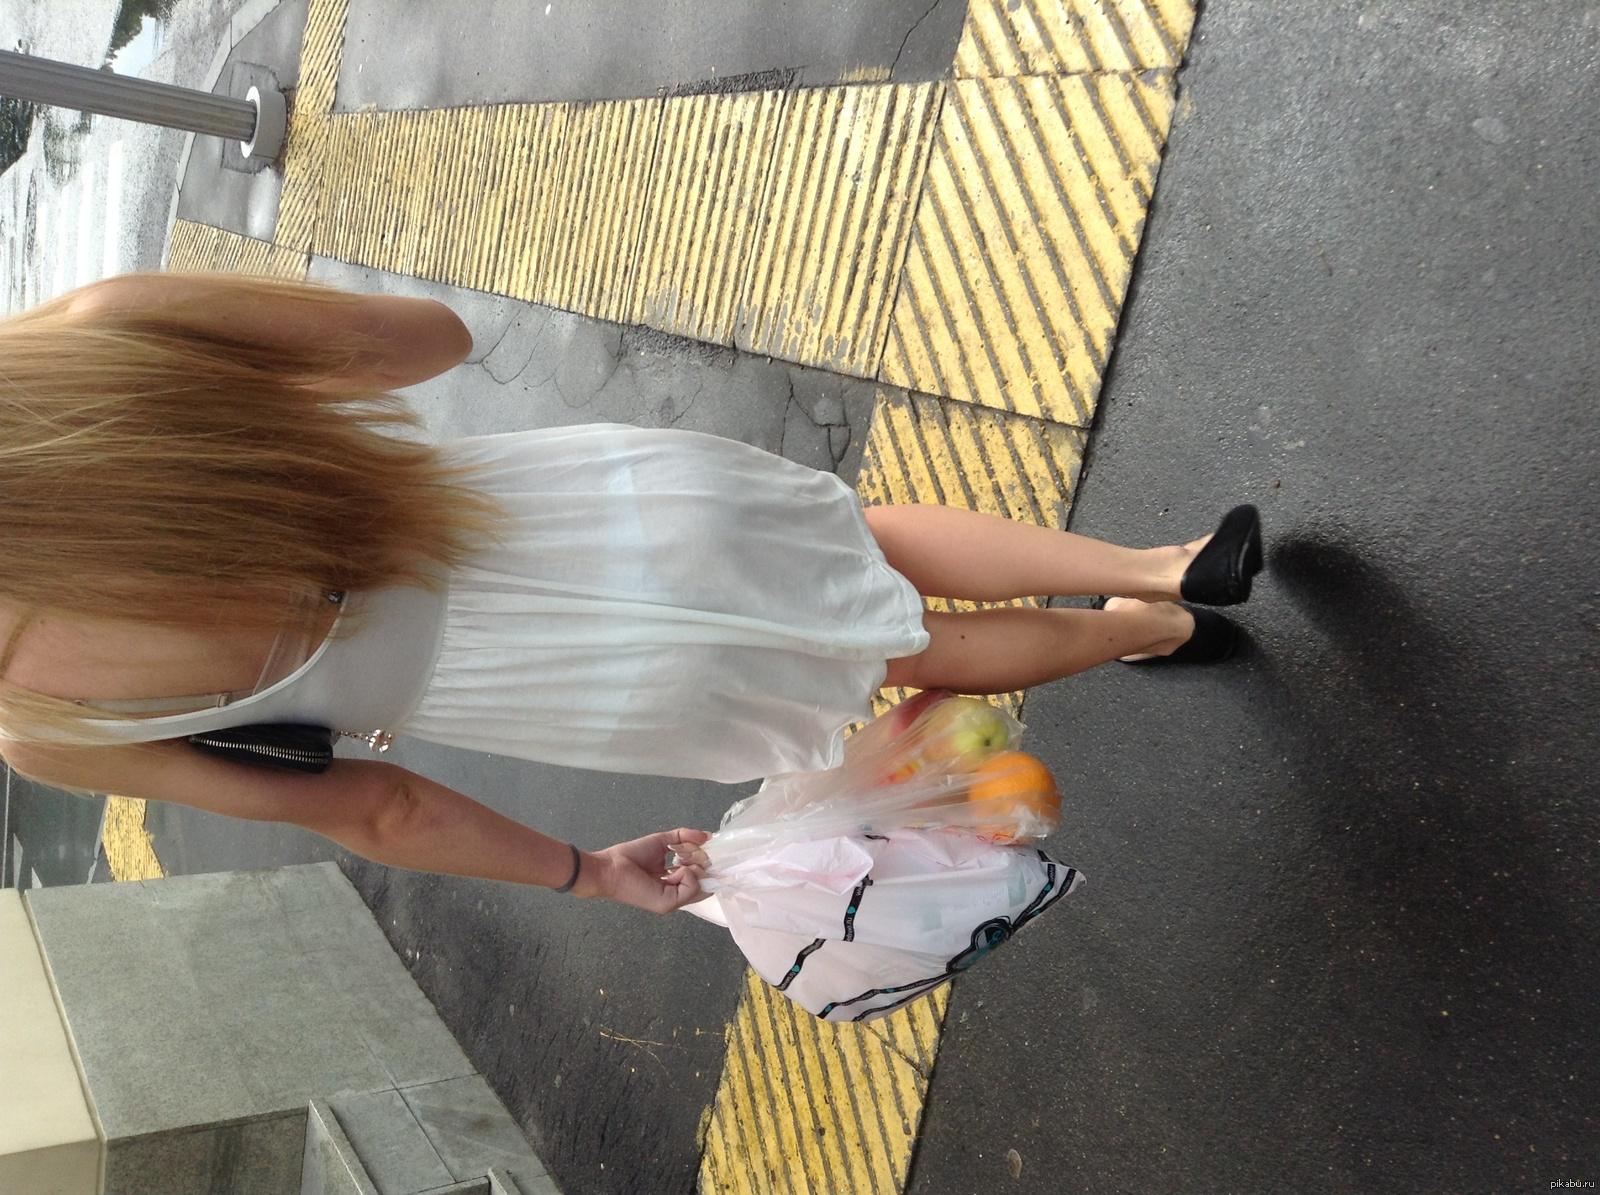 Фото просвечивающиеся платья на улице 24 фотография